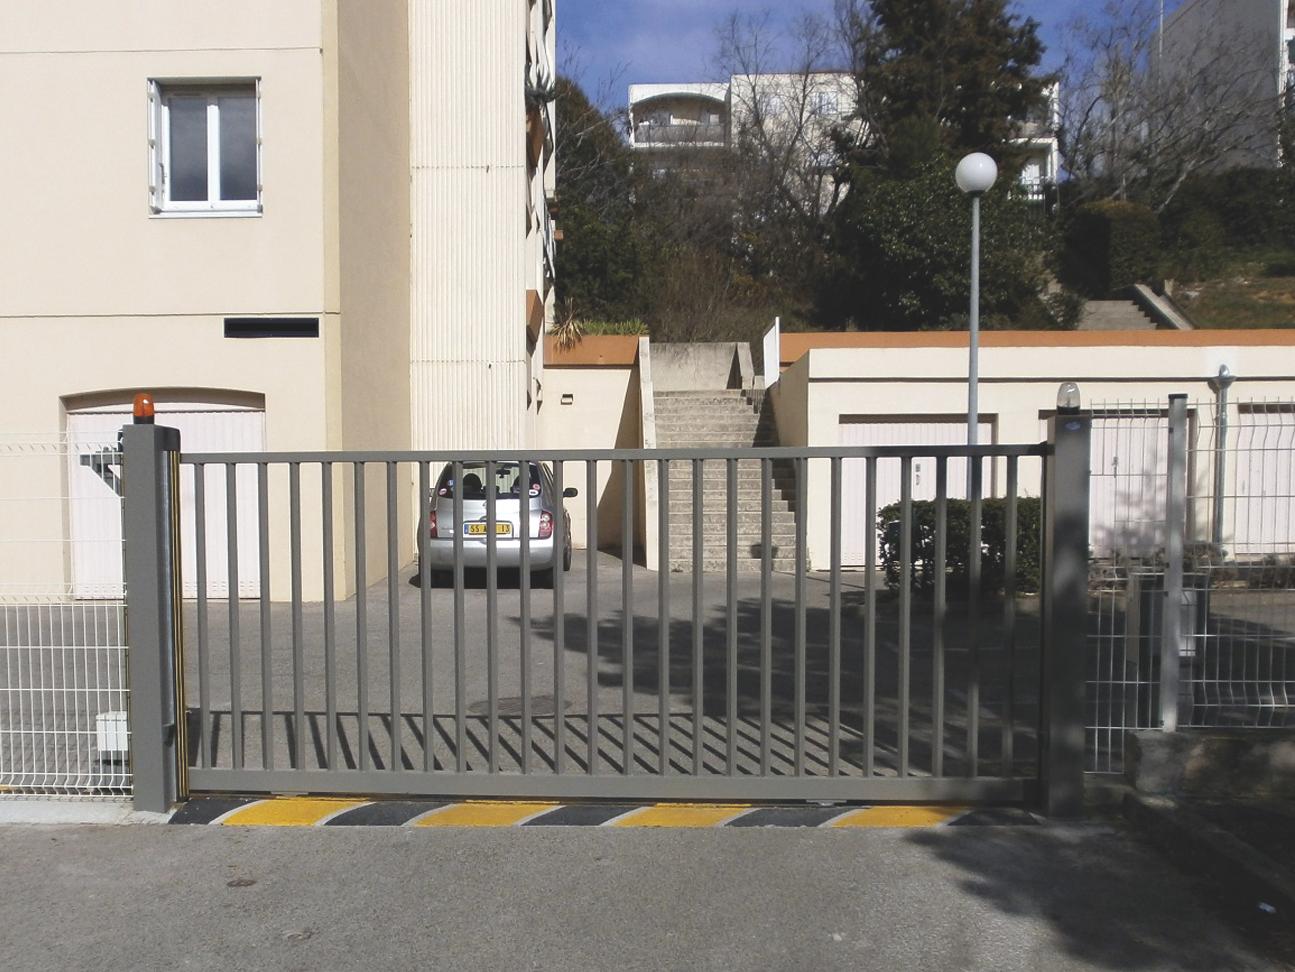 N 598 choisir un portail normes et solutions for Portail coulissant automatique